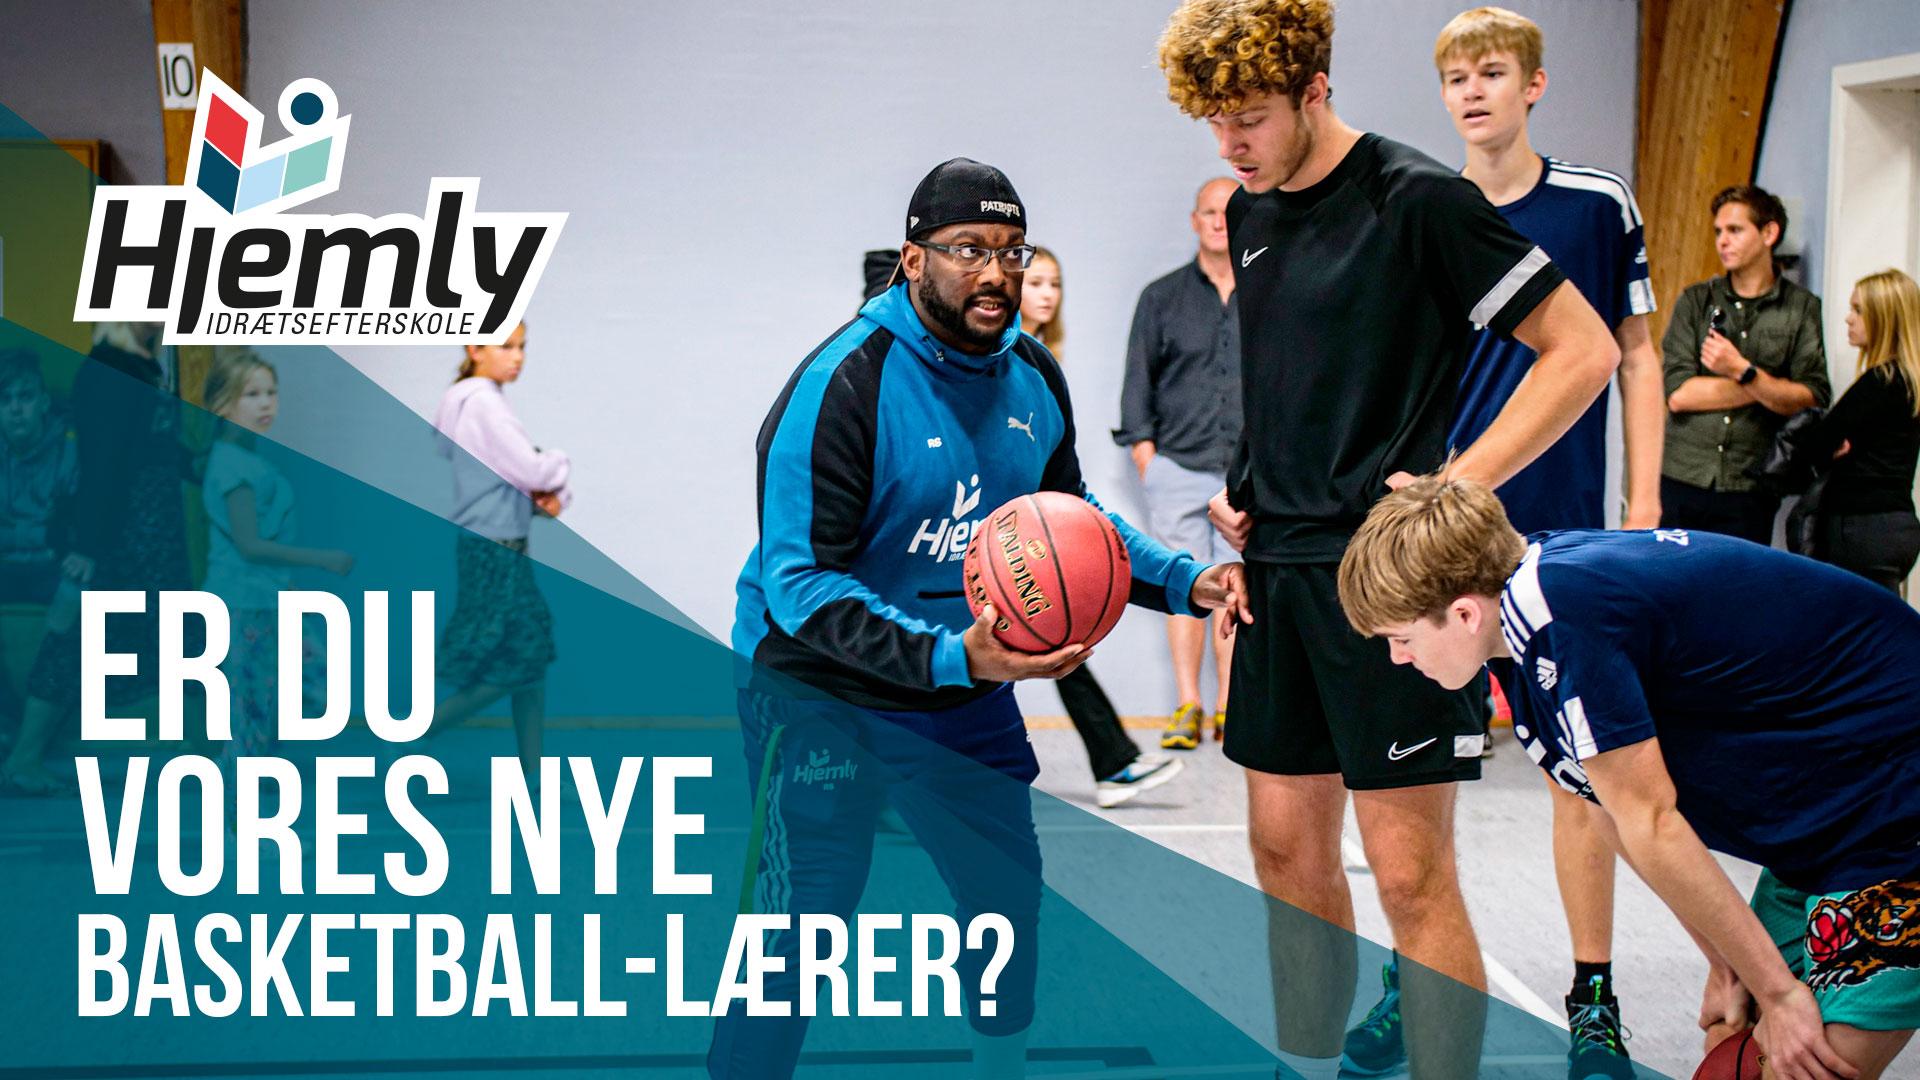 JOBOPSLAG: Vi søger timelærer til vores basketball-linje